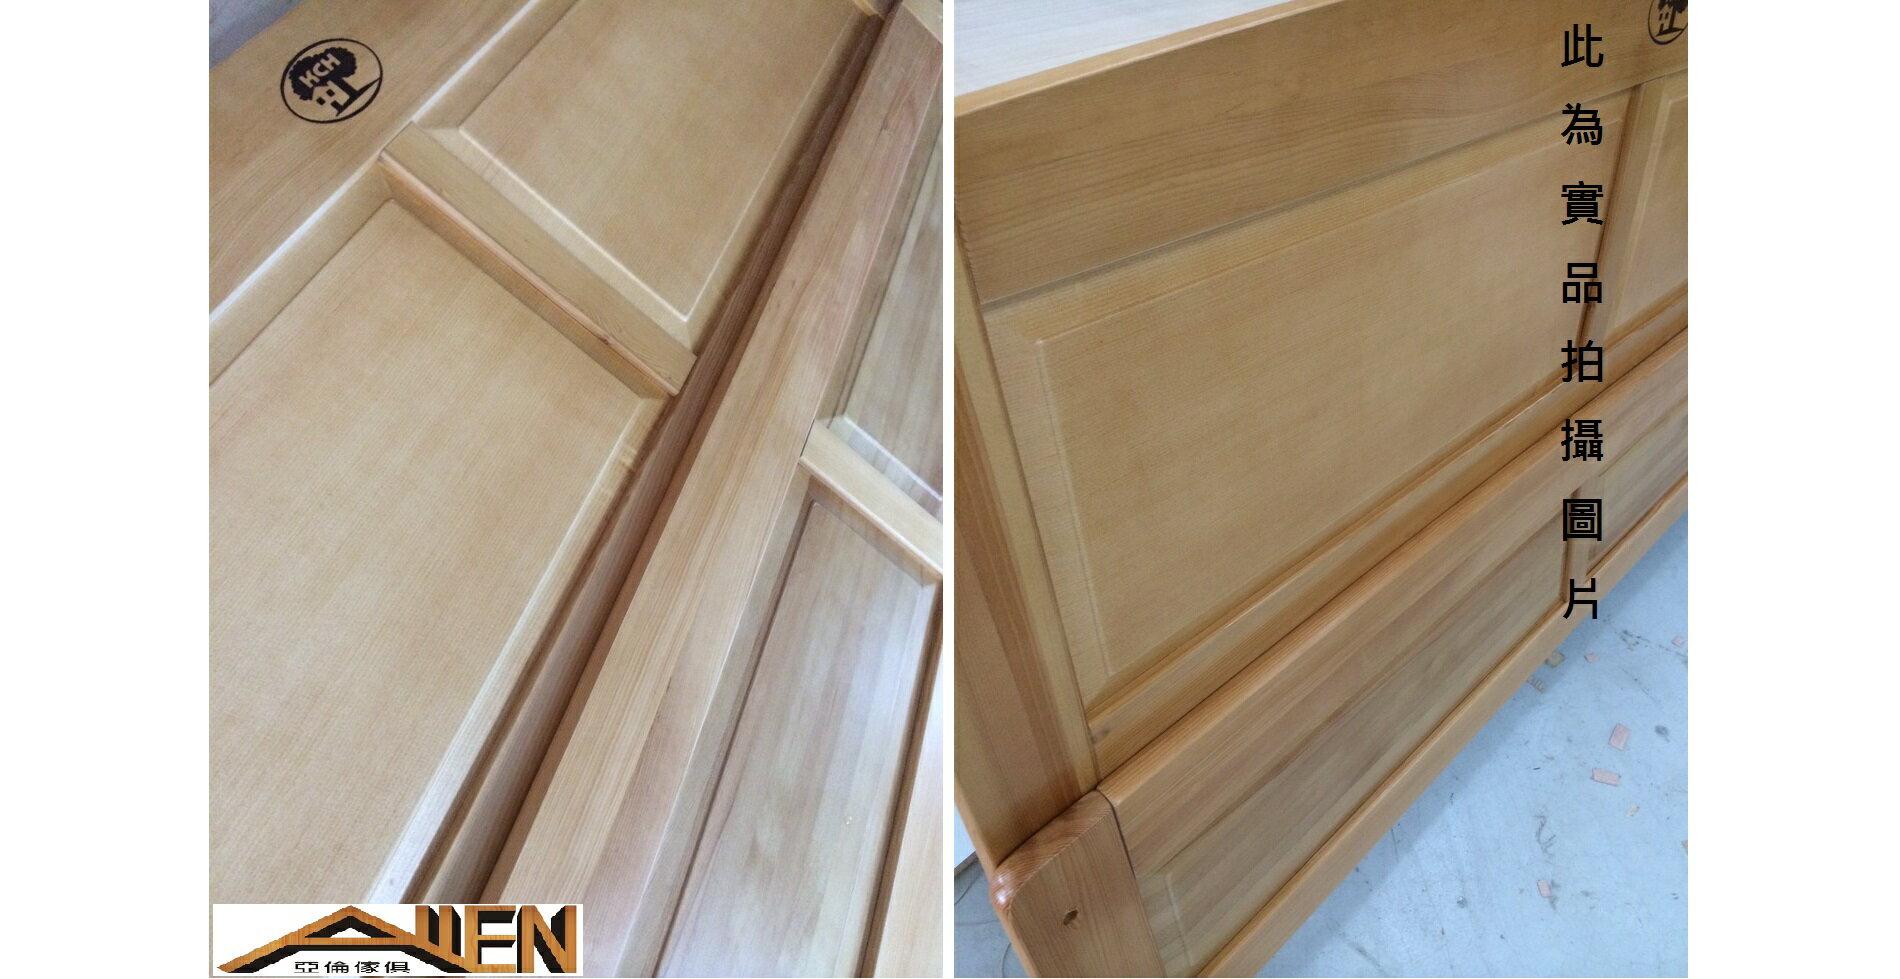 亞倫傢俱*史達琳檜木實木3.5尺單人床架 2